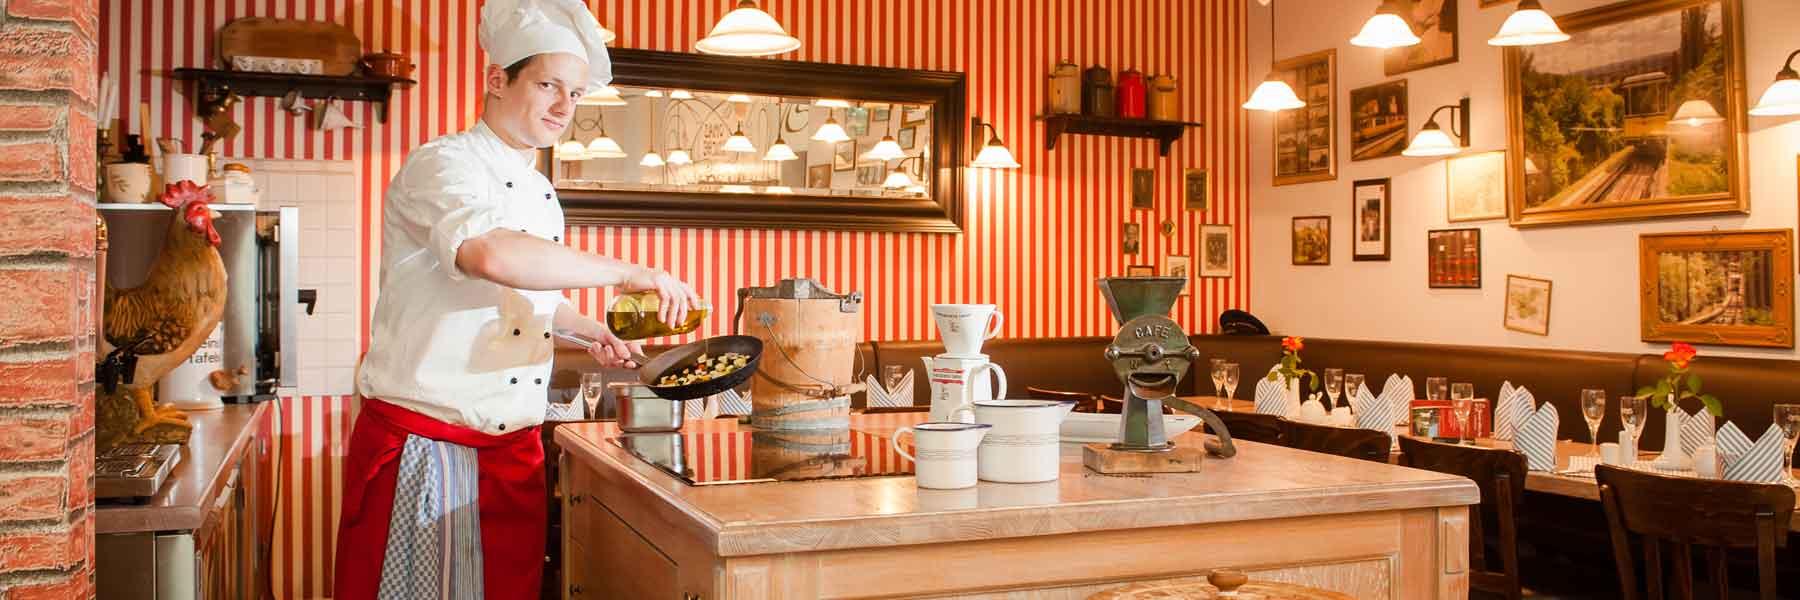 Erleben Sie mit uns eine kulinarische Reise in Omass Zeiten.